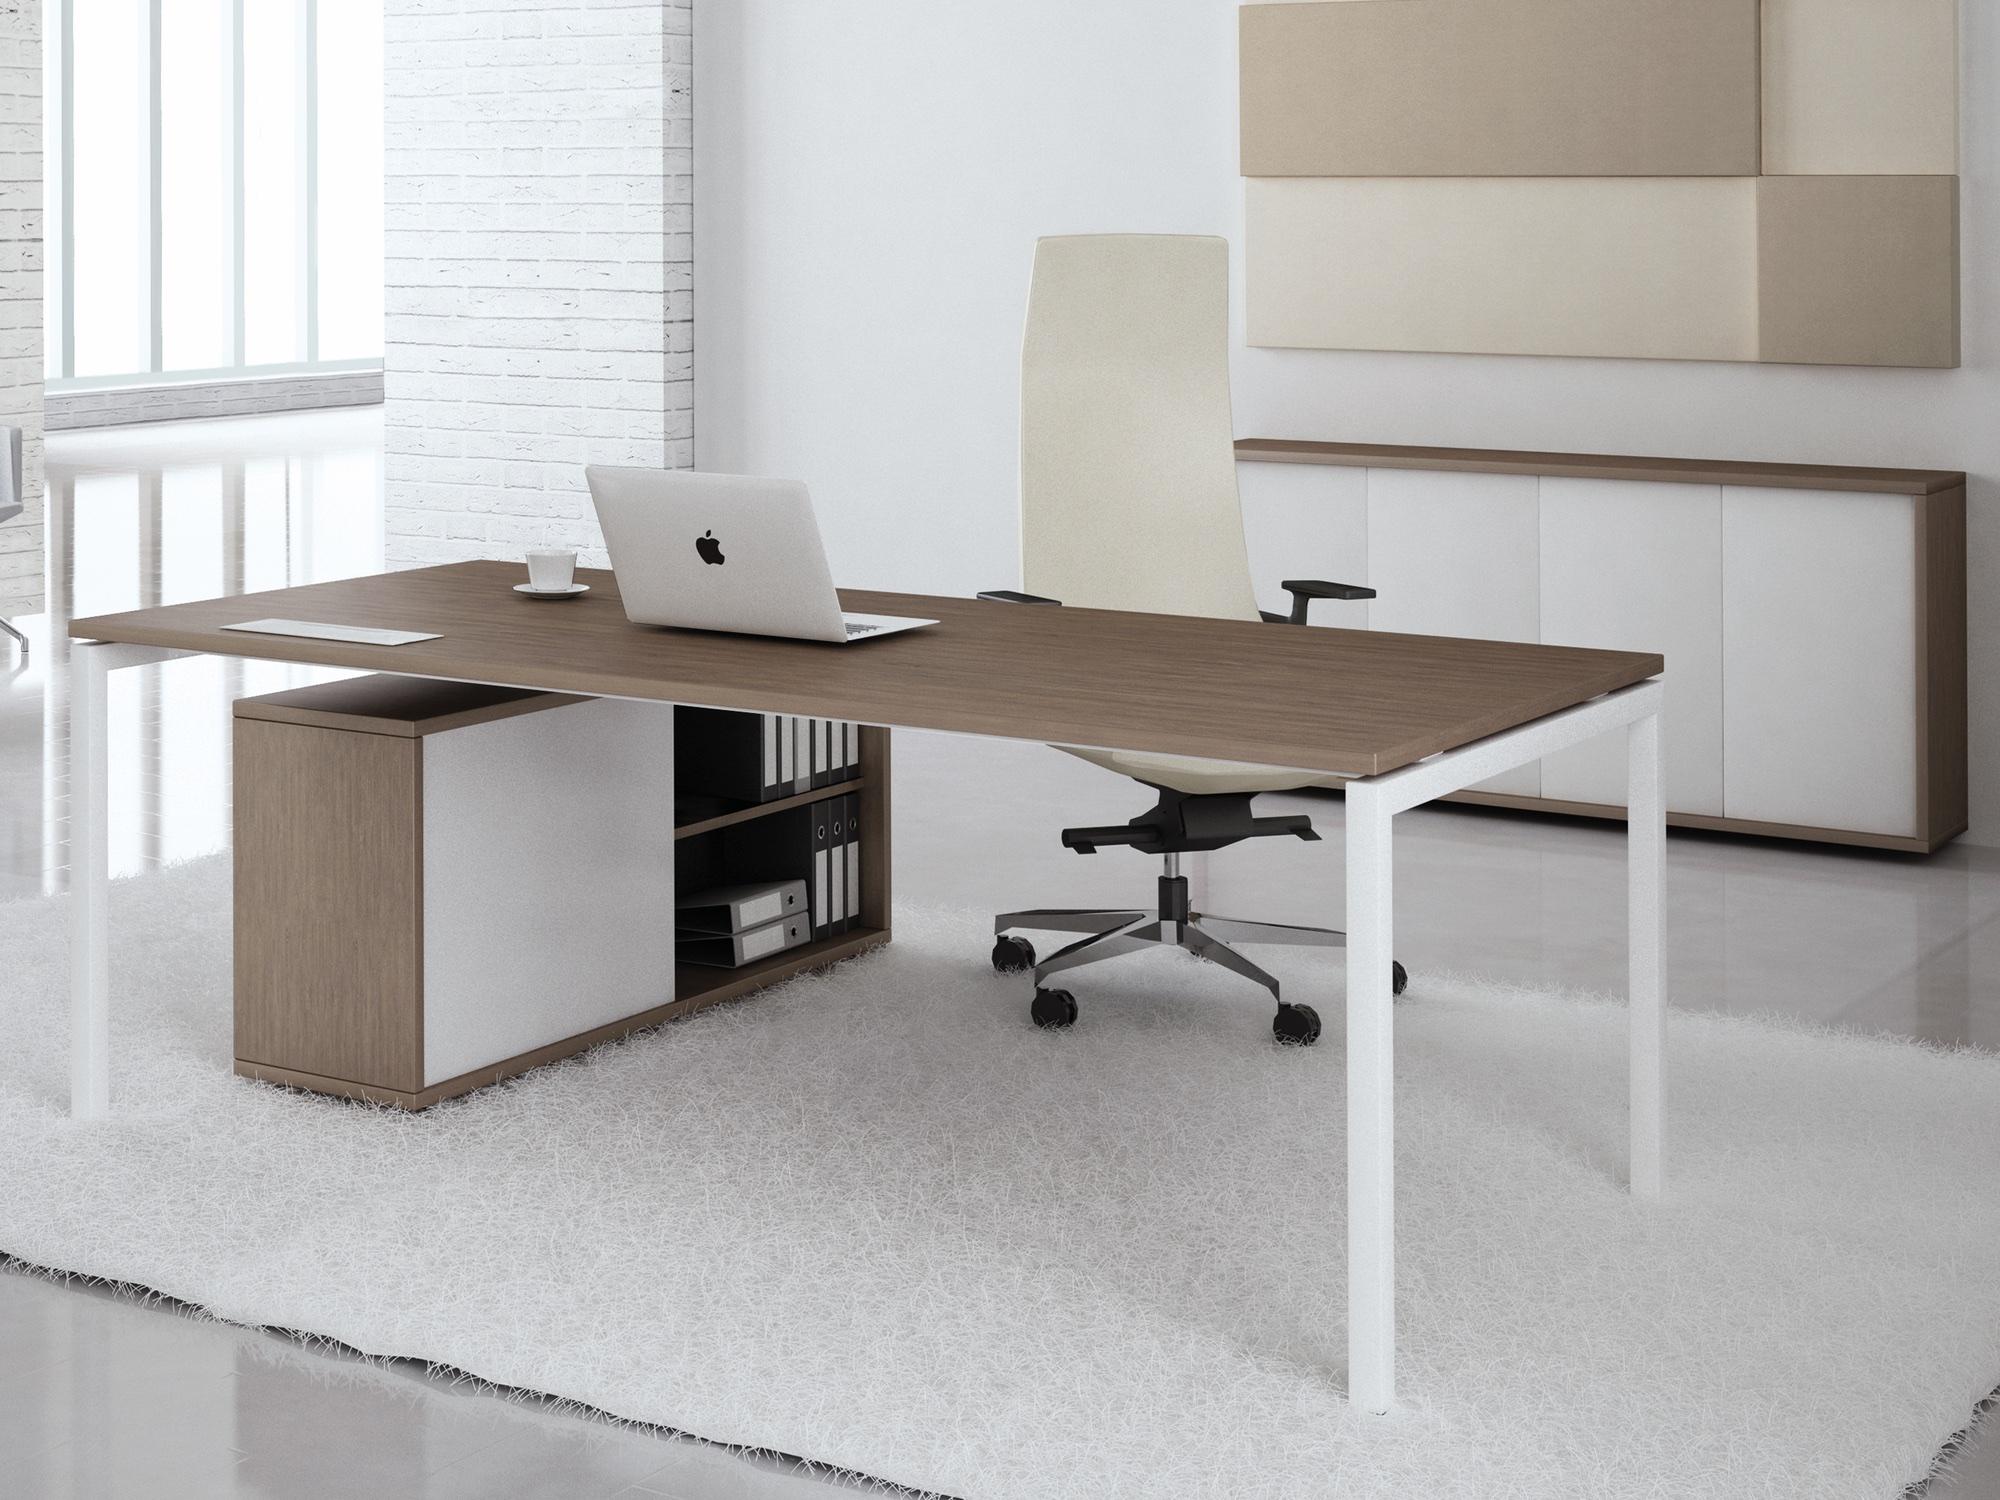 Schreibtisch flex pro in 180 200x100 cm mit 4 fuss gestell for Schreibtisch 200x100